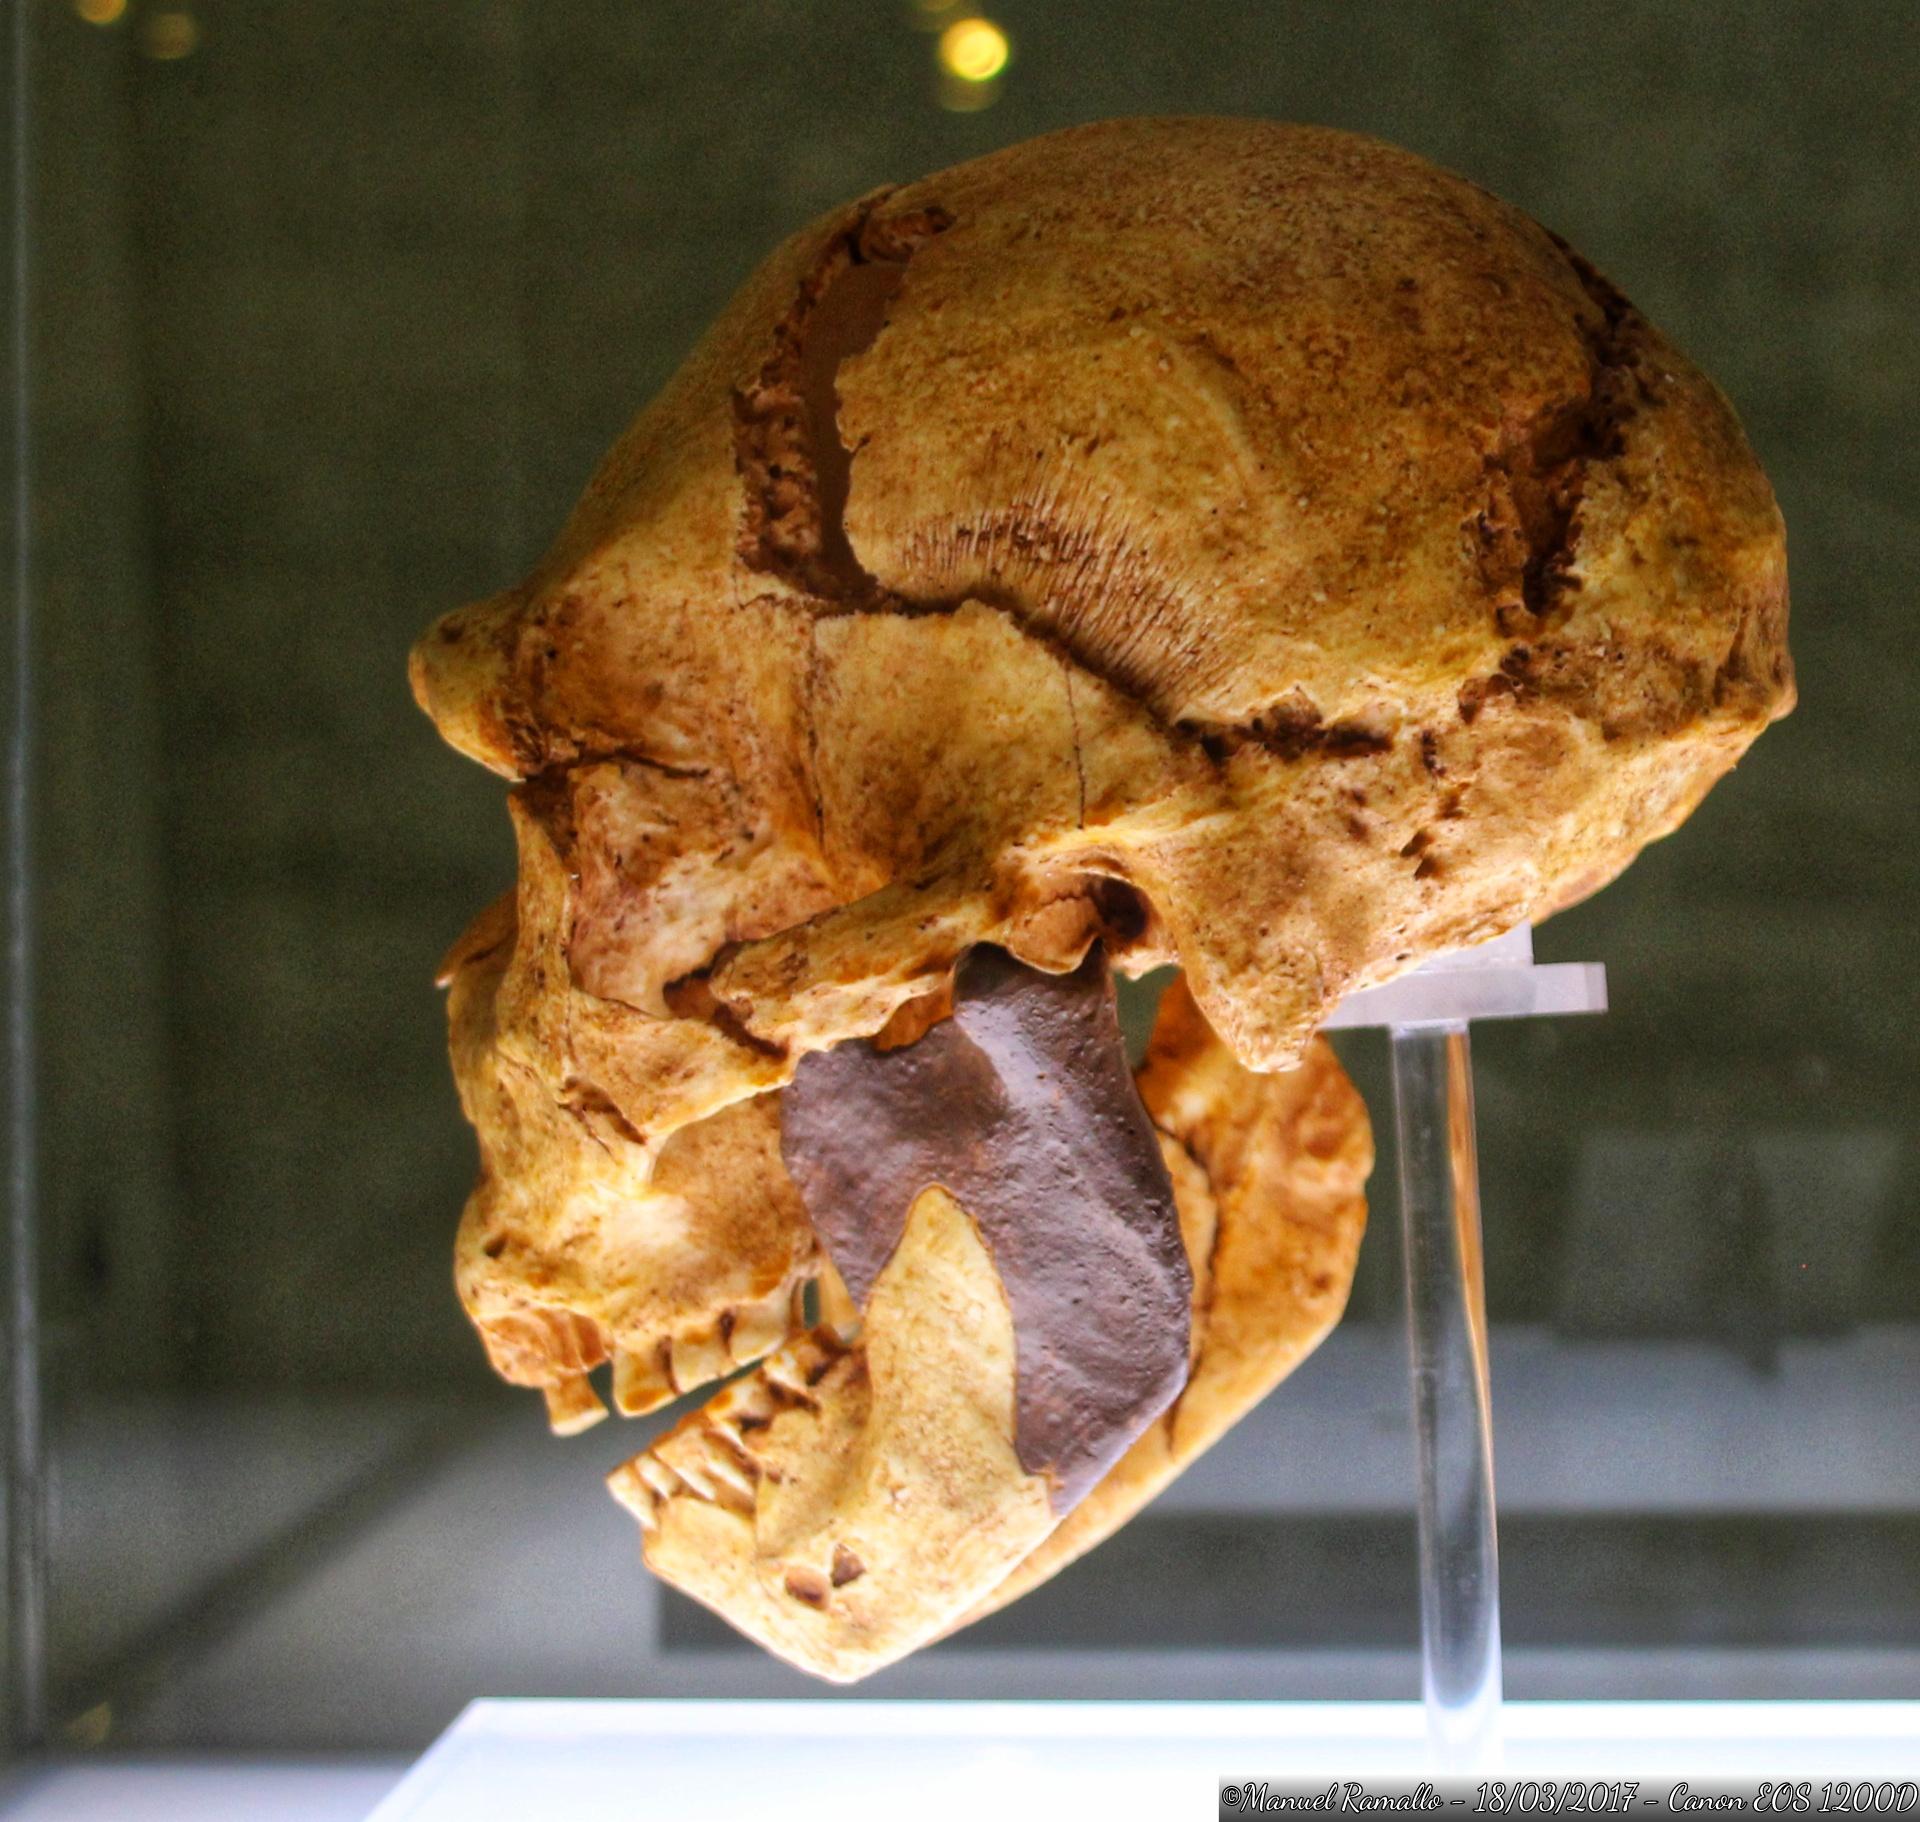 craneo-homo-heidelbergensis-miguelon-atapuerca-400000-anos-antiguedad